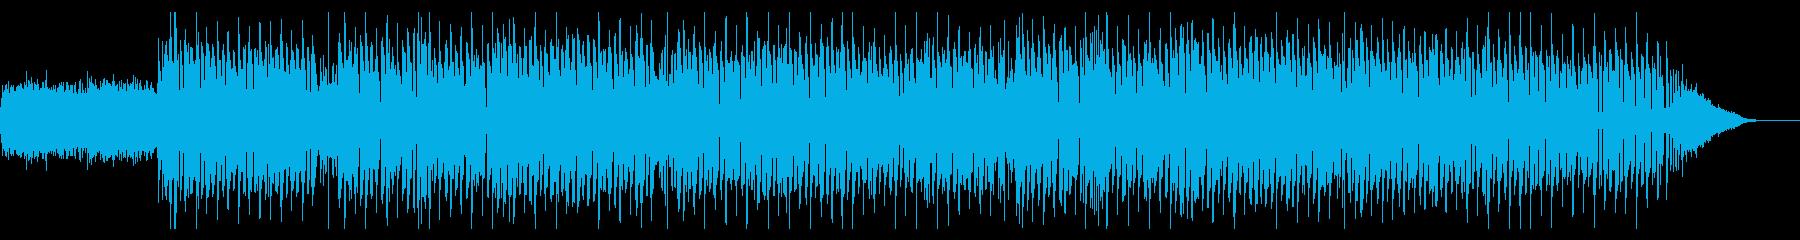 IT/テクノロジー/サイエンス/BGMの再生済みの波形